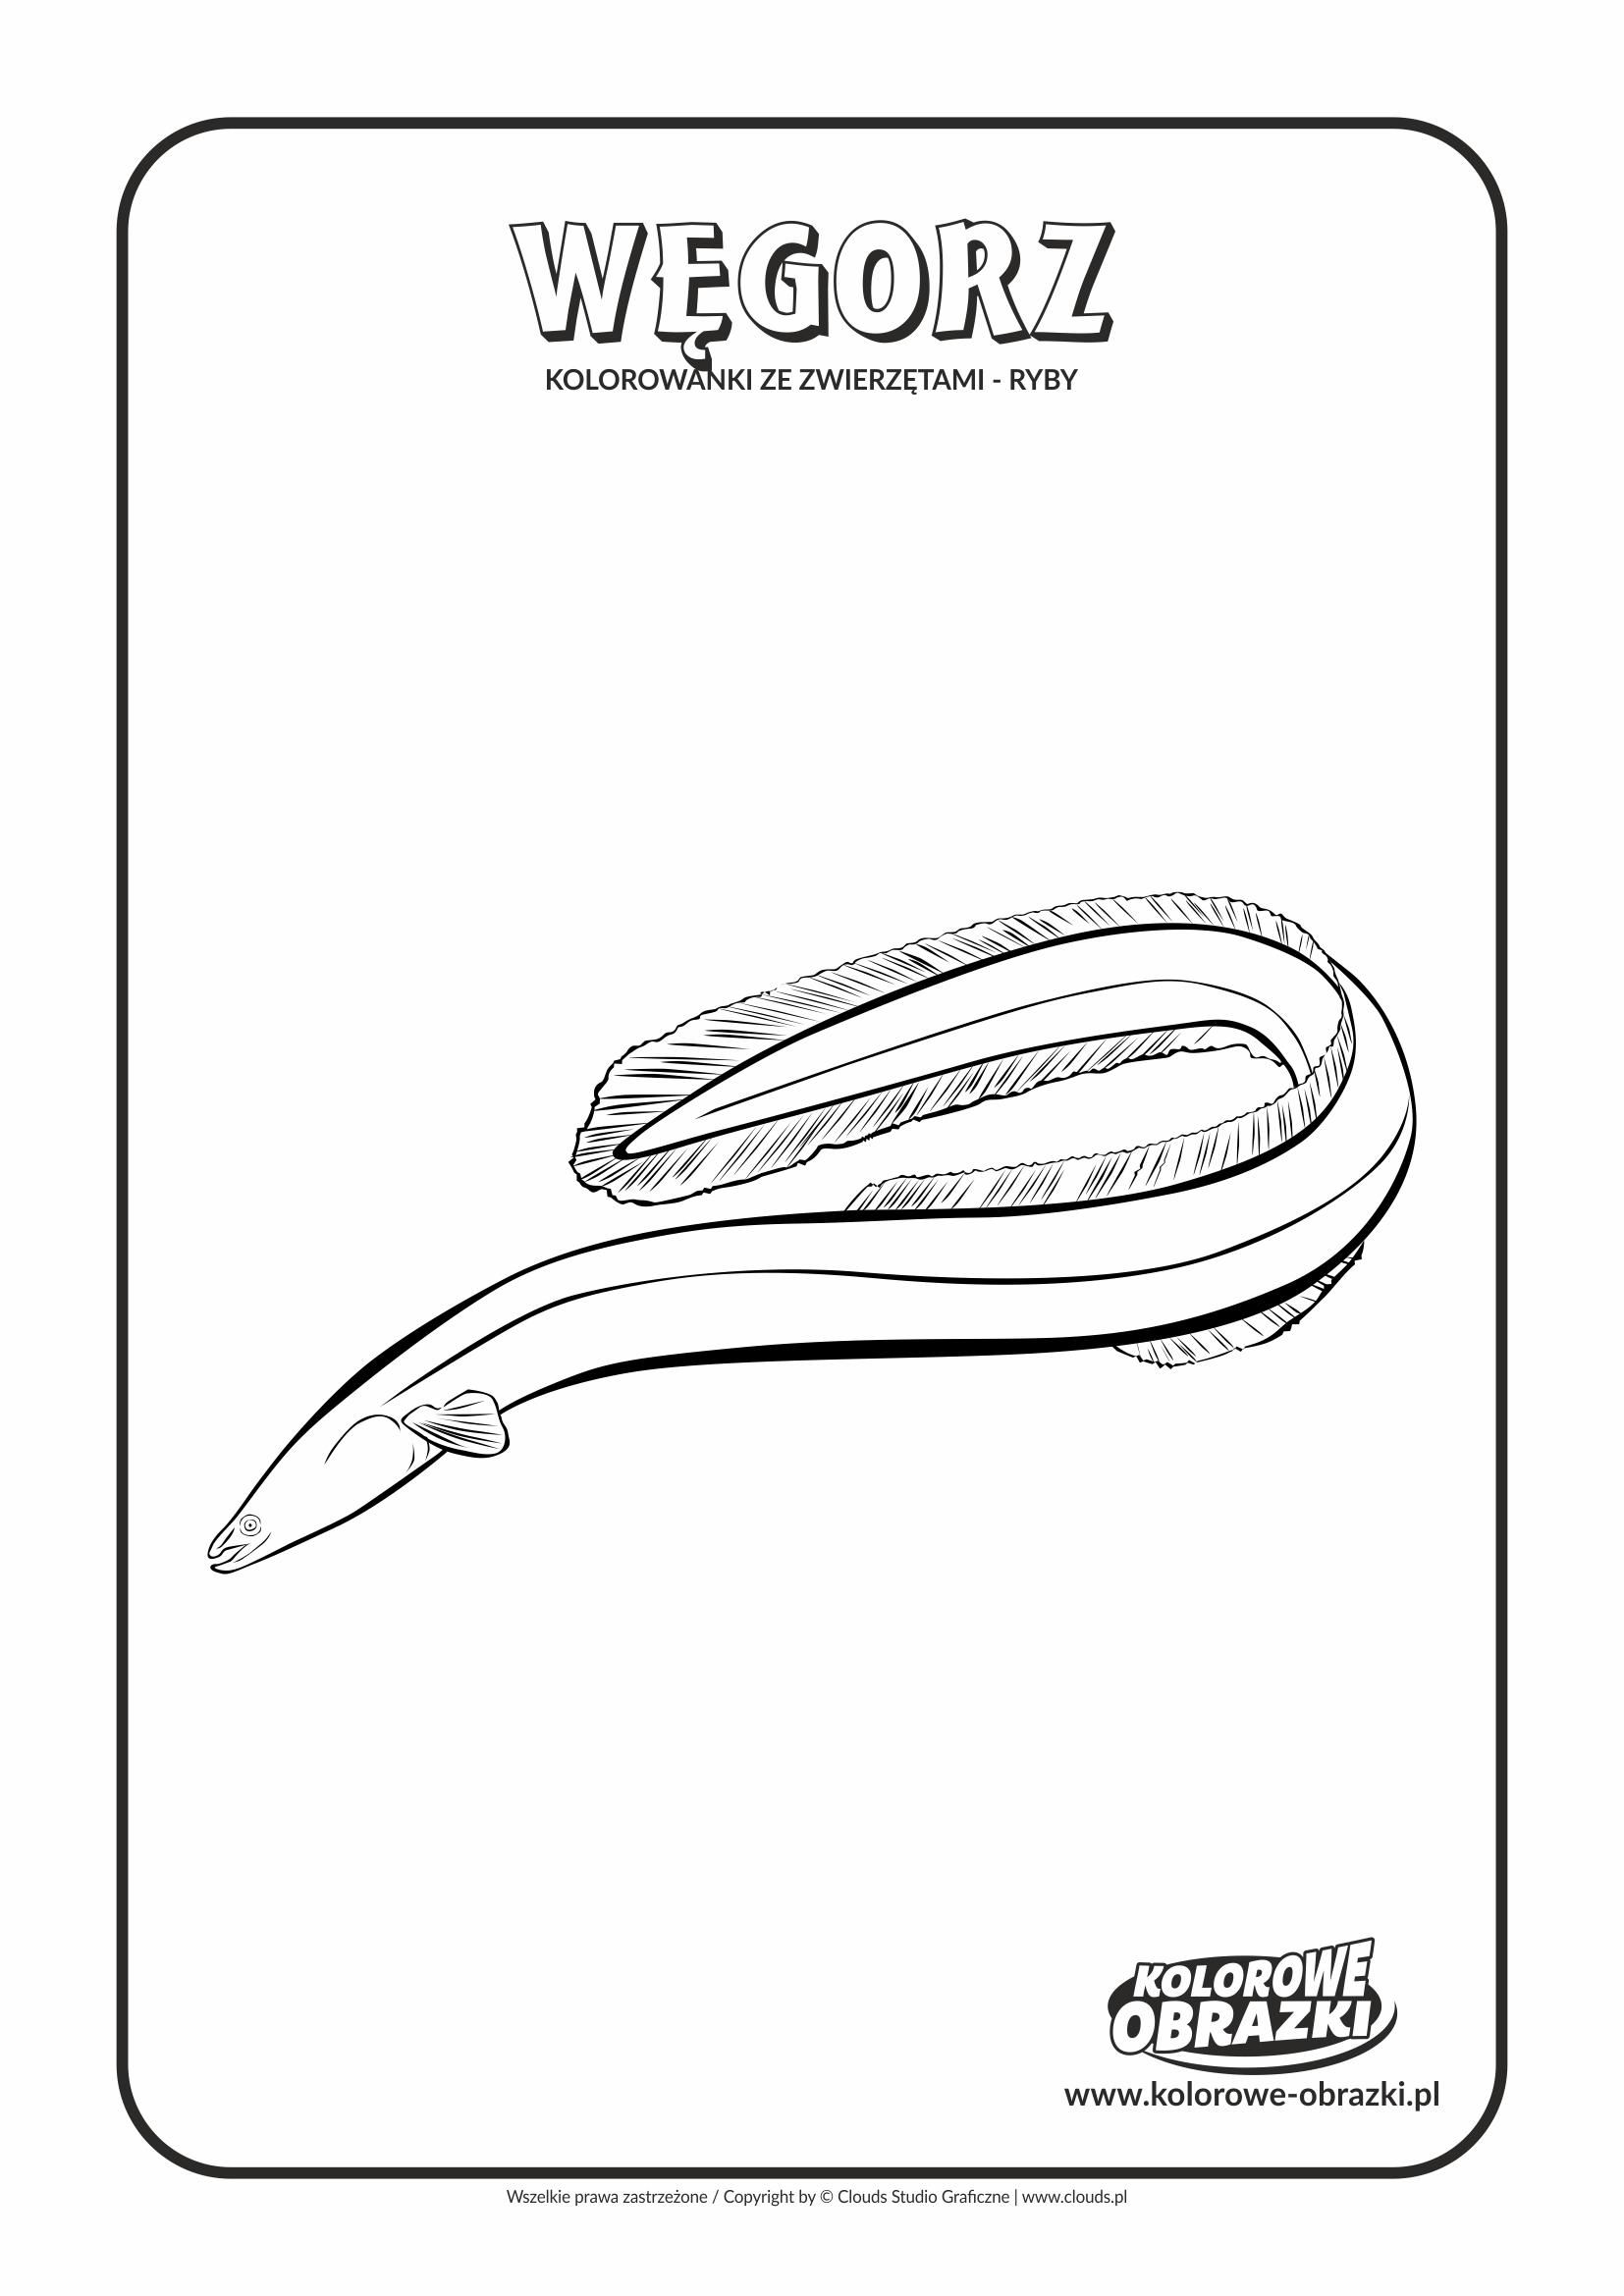 Kolorowanki dla dzieci - Zwierzęta / Węgorz. Kolorowanka z węgorzem